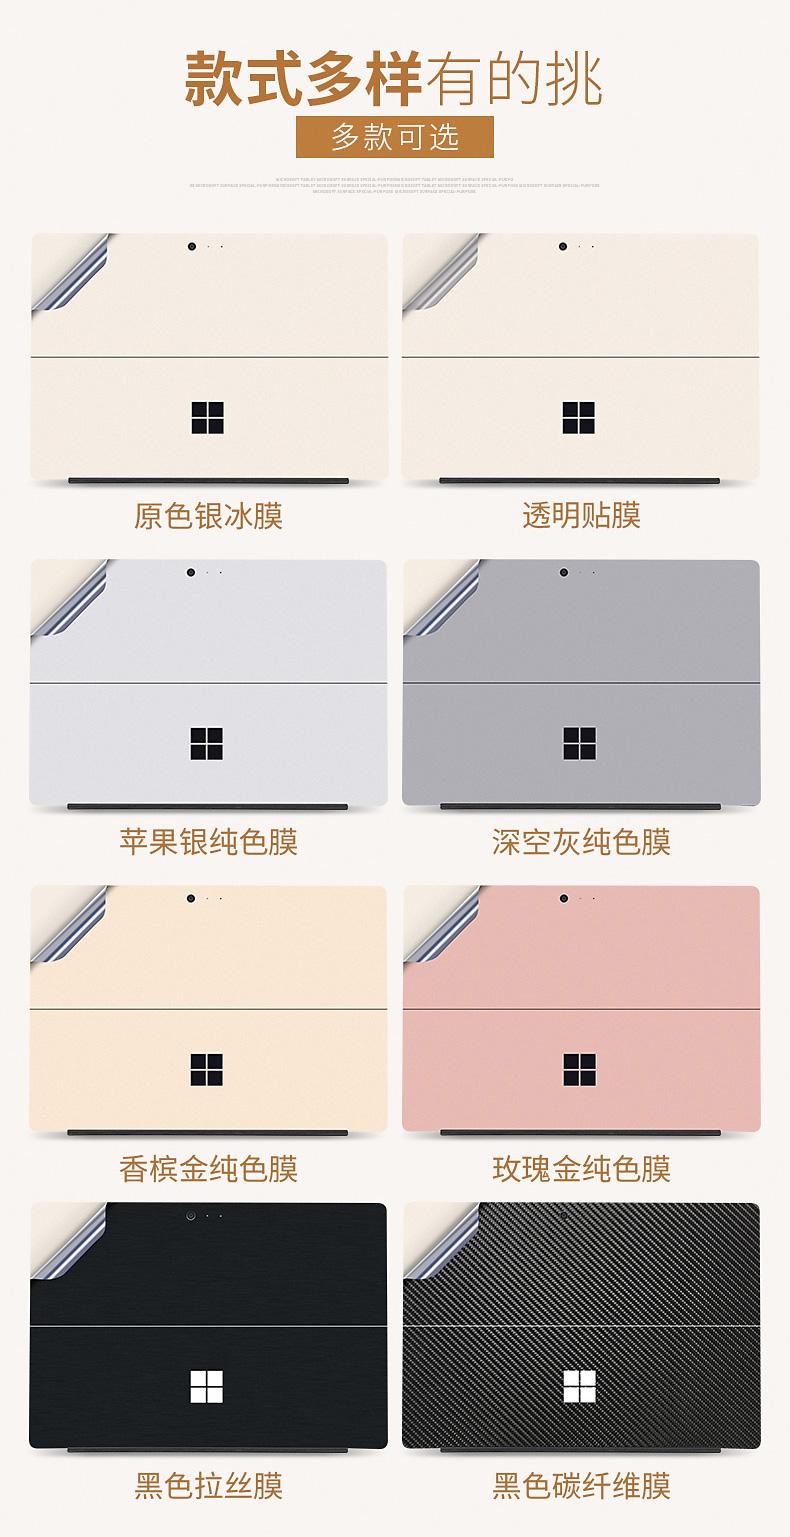 Dán surface  surfacepro6pro3pro4pro52laptop Surface pro6 HWY1980570036823150 - ảnh 1